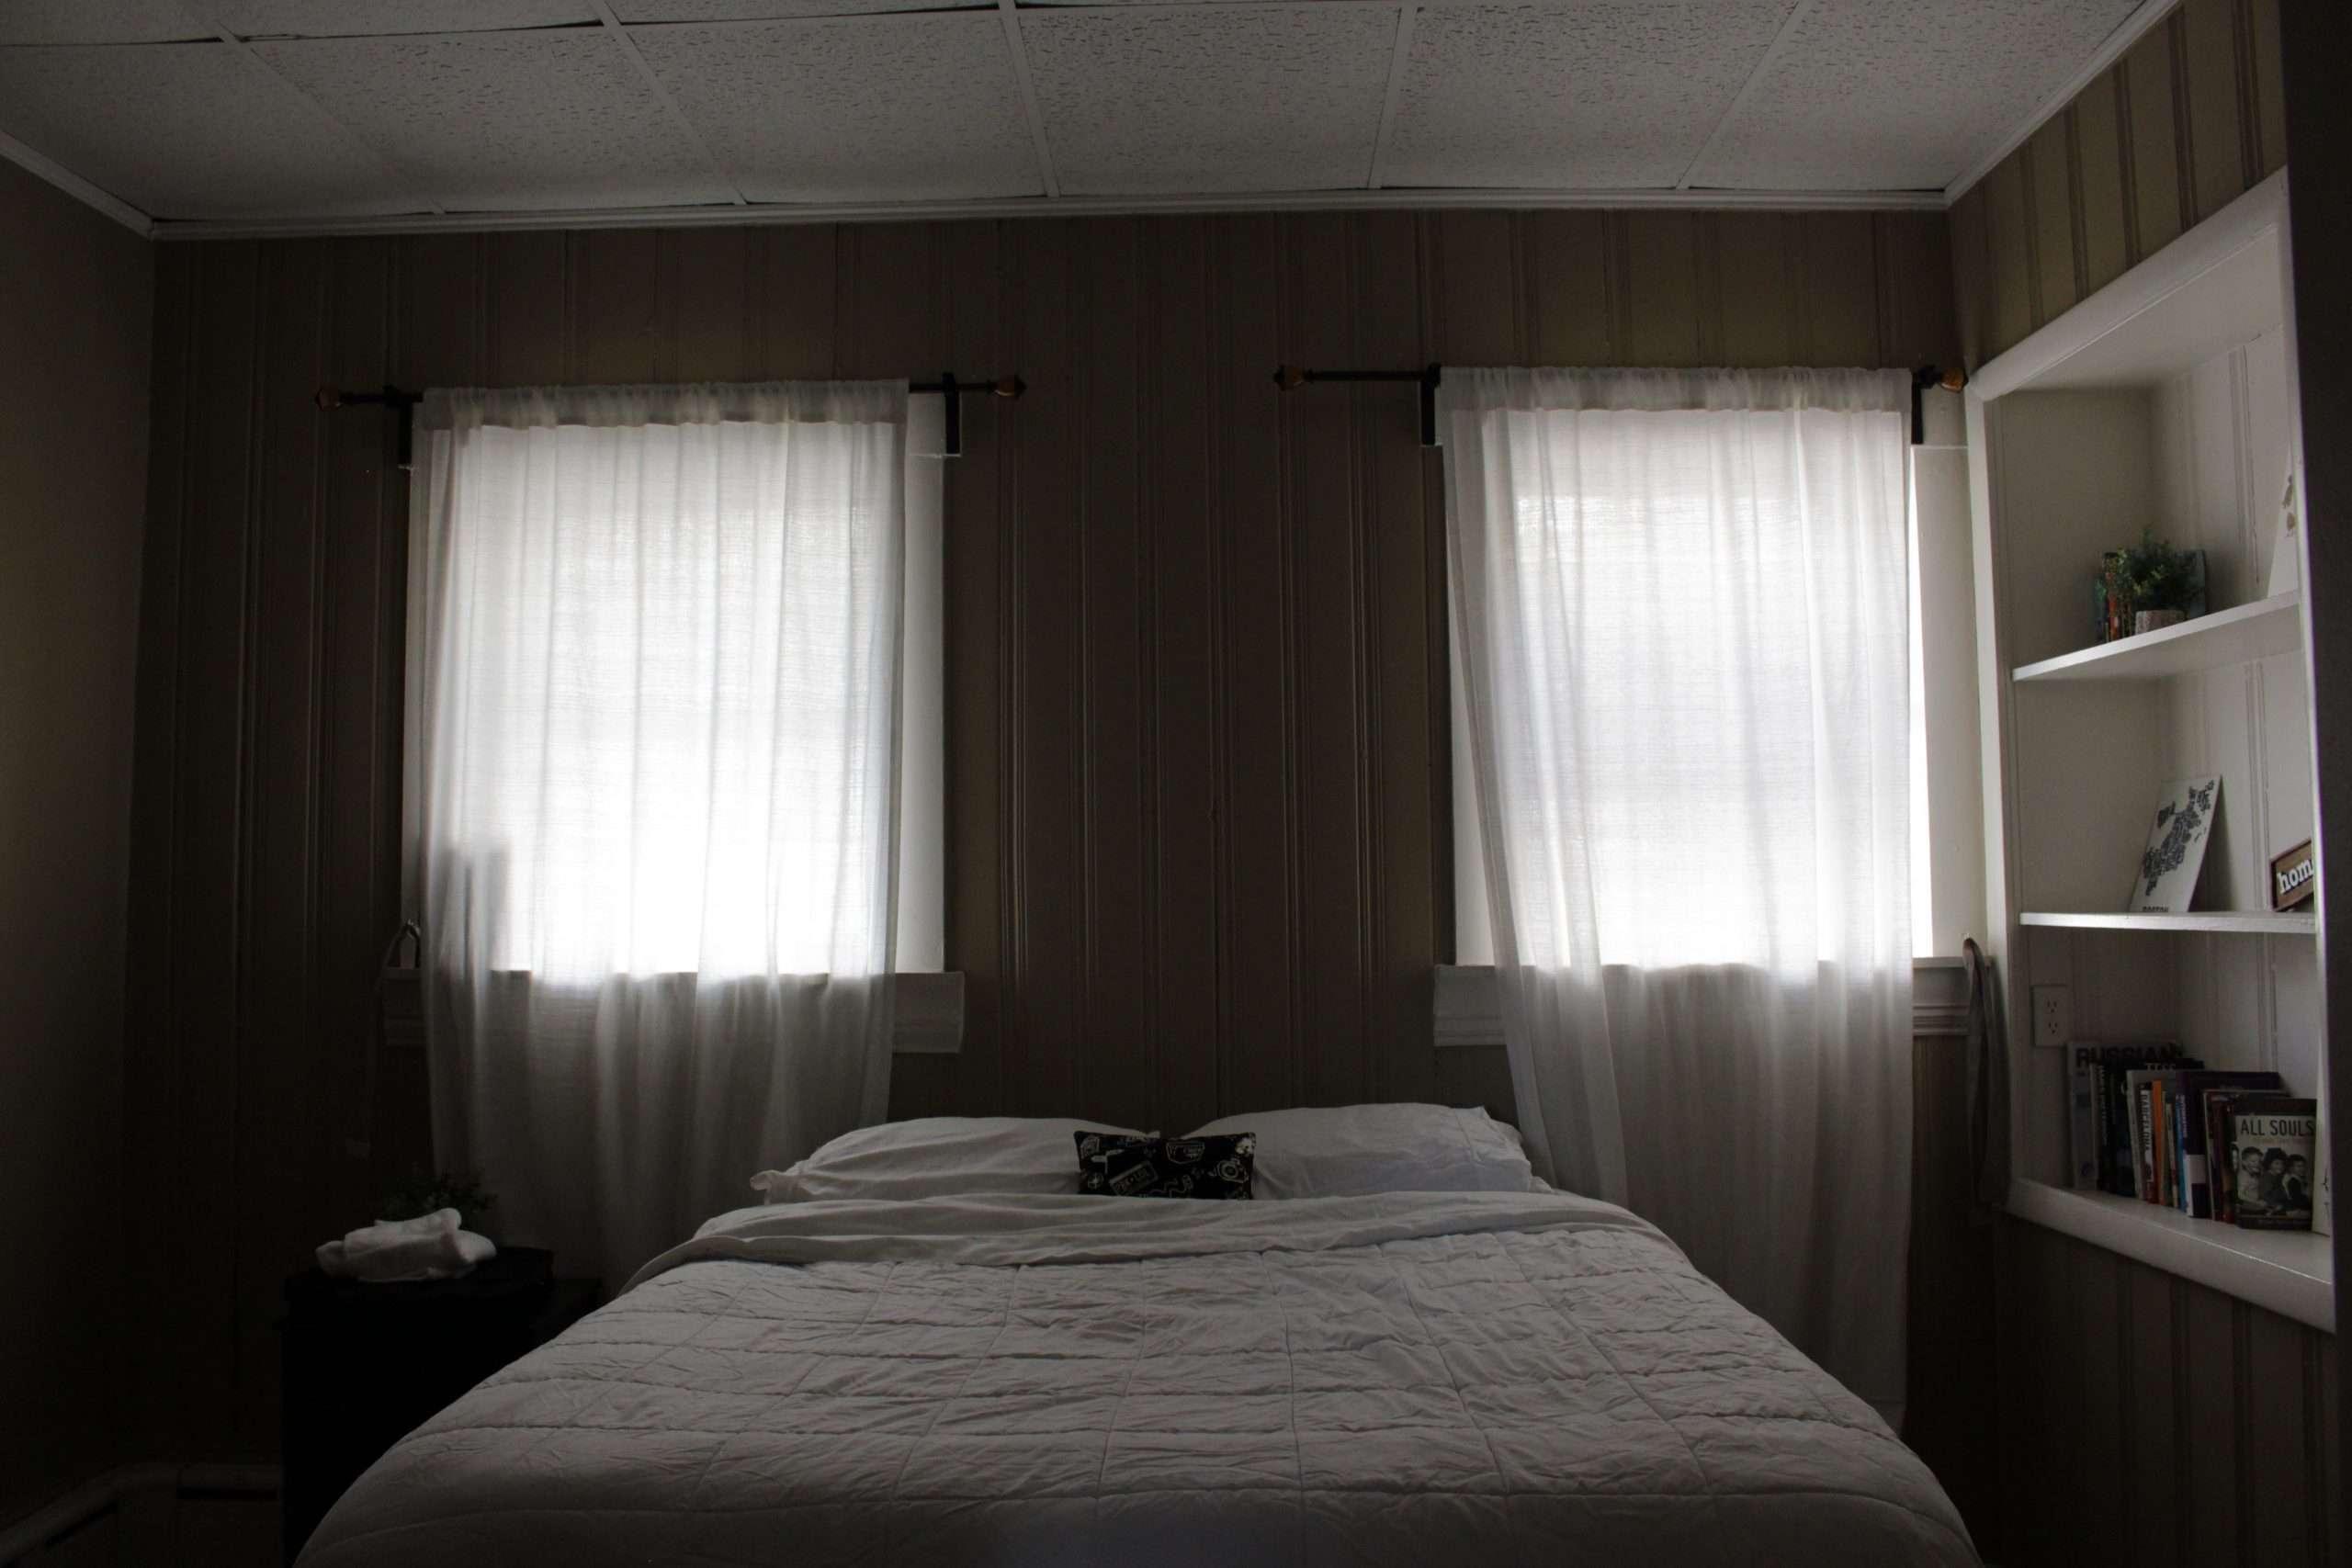 dead bedroom